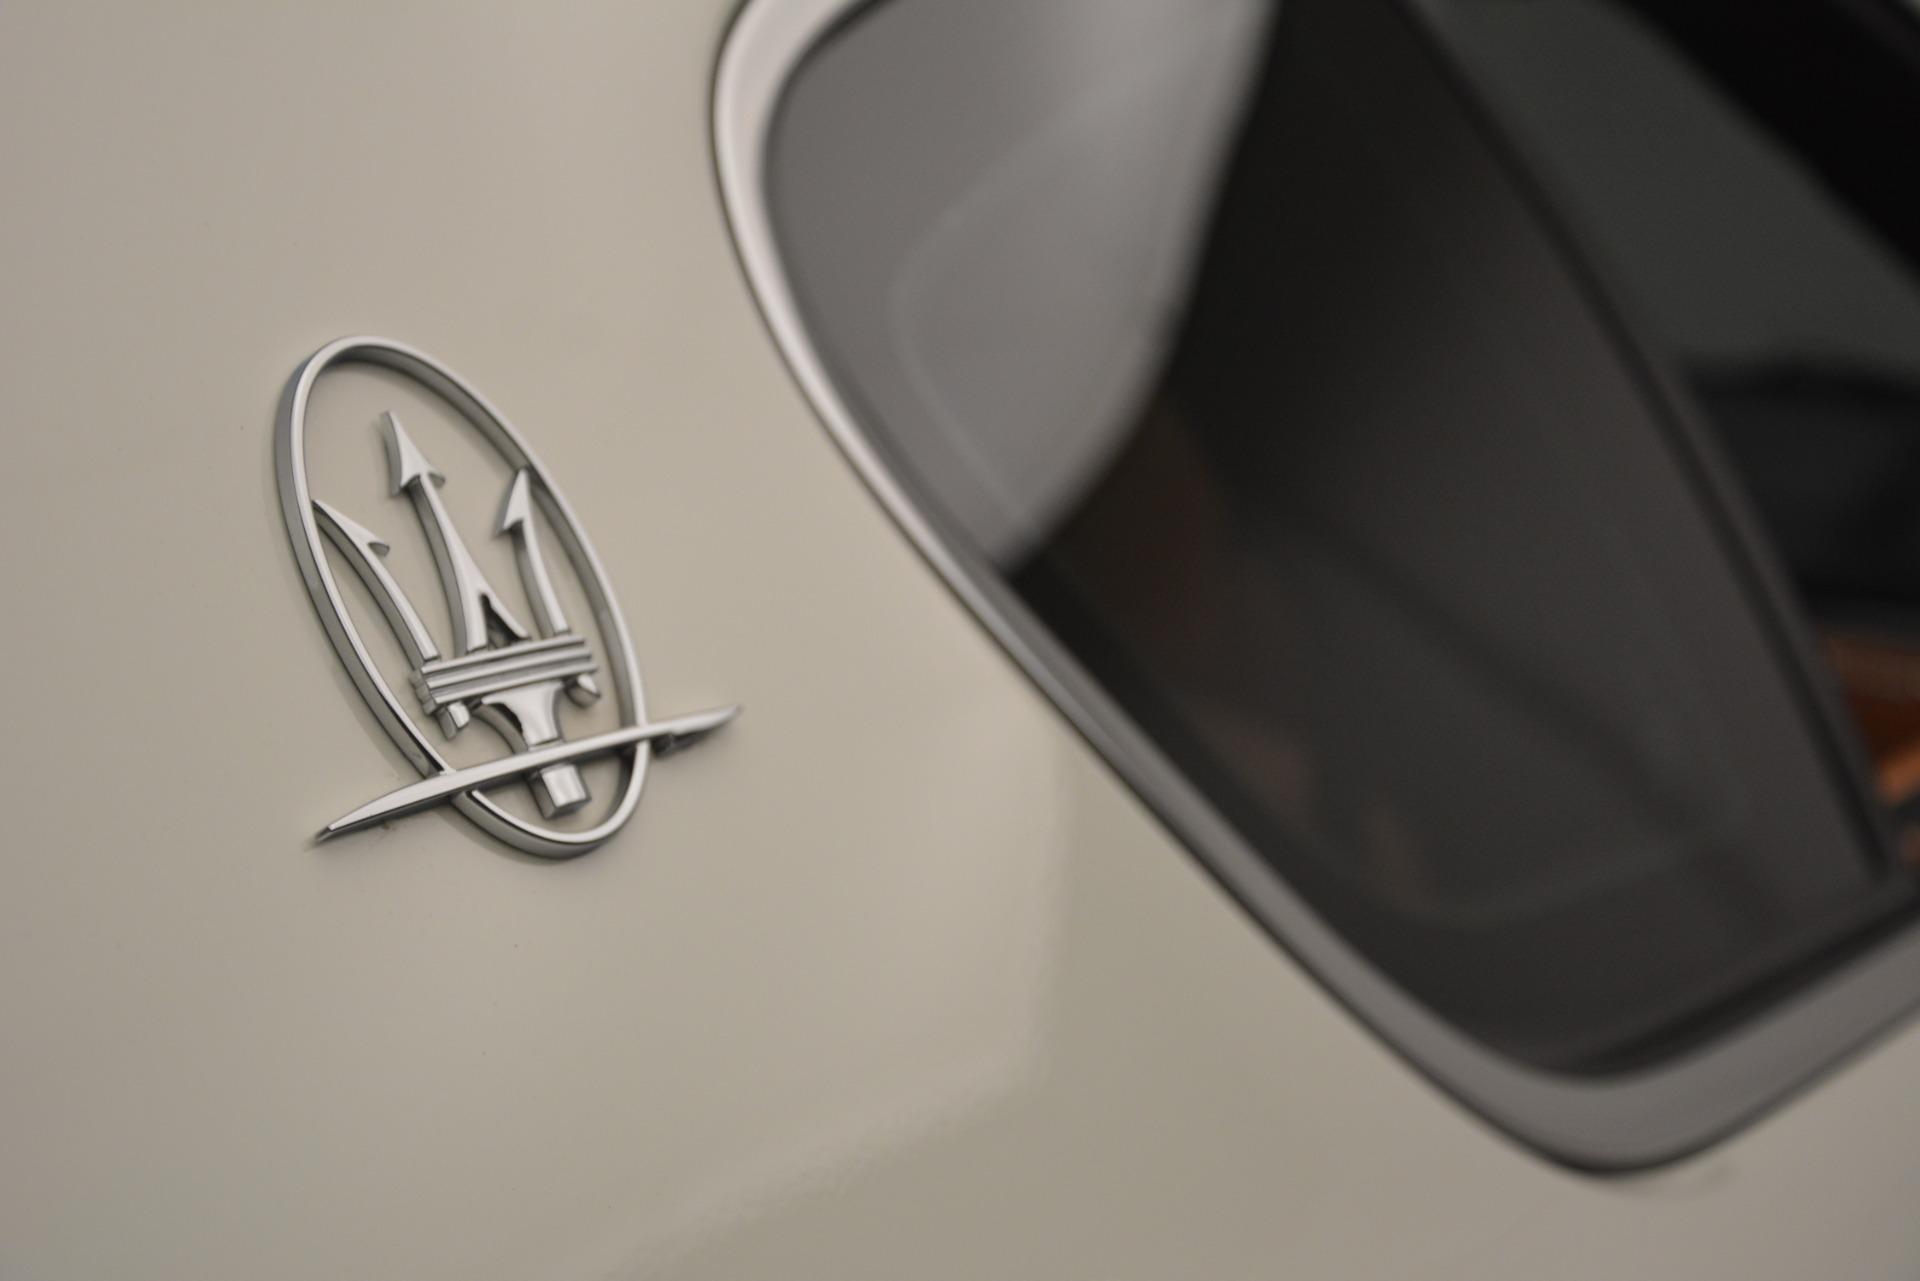 Used 2011 Maserati GranTurismo S Automatic For Sale In Greenwich, CT 3061_p26